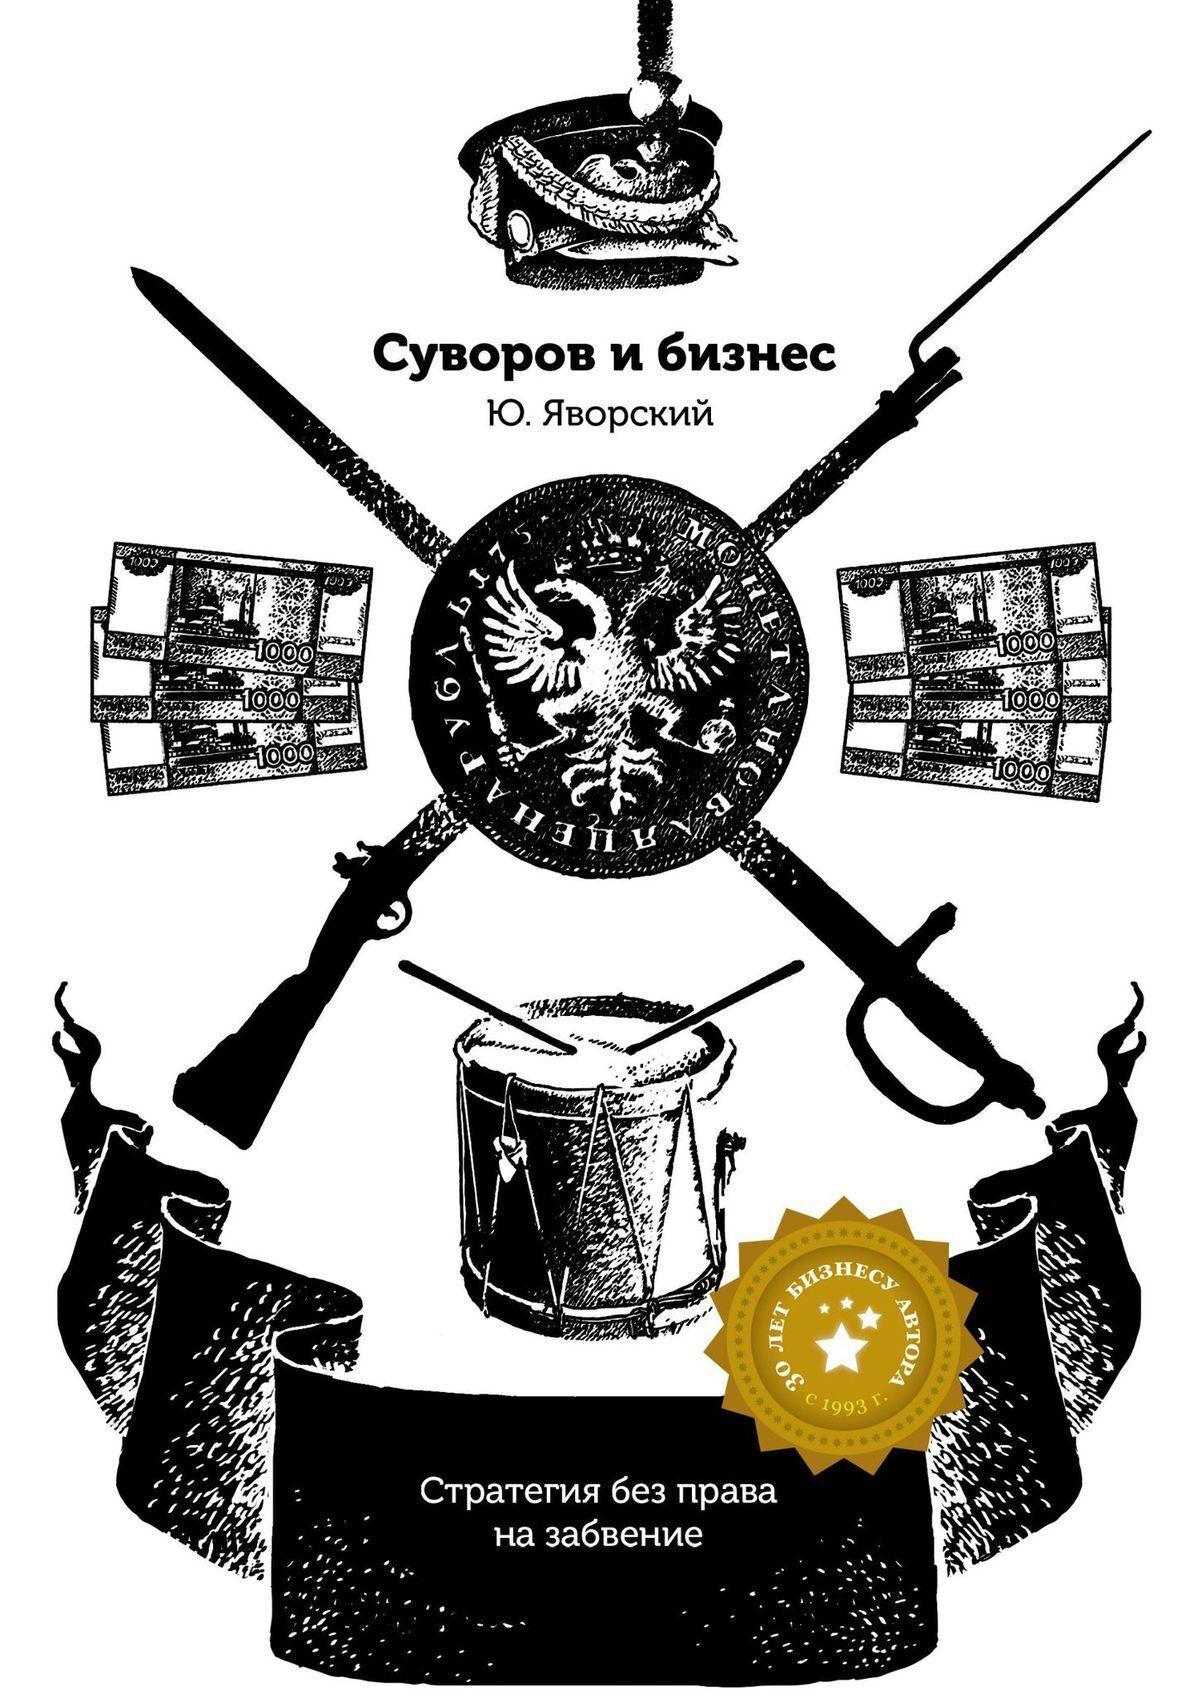 Юрий Яворский Суворов & бизнес. Стратегия без права назабвение александр денисенко сквозь призму времени